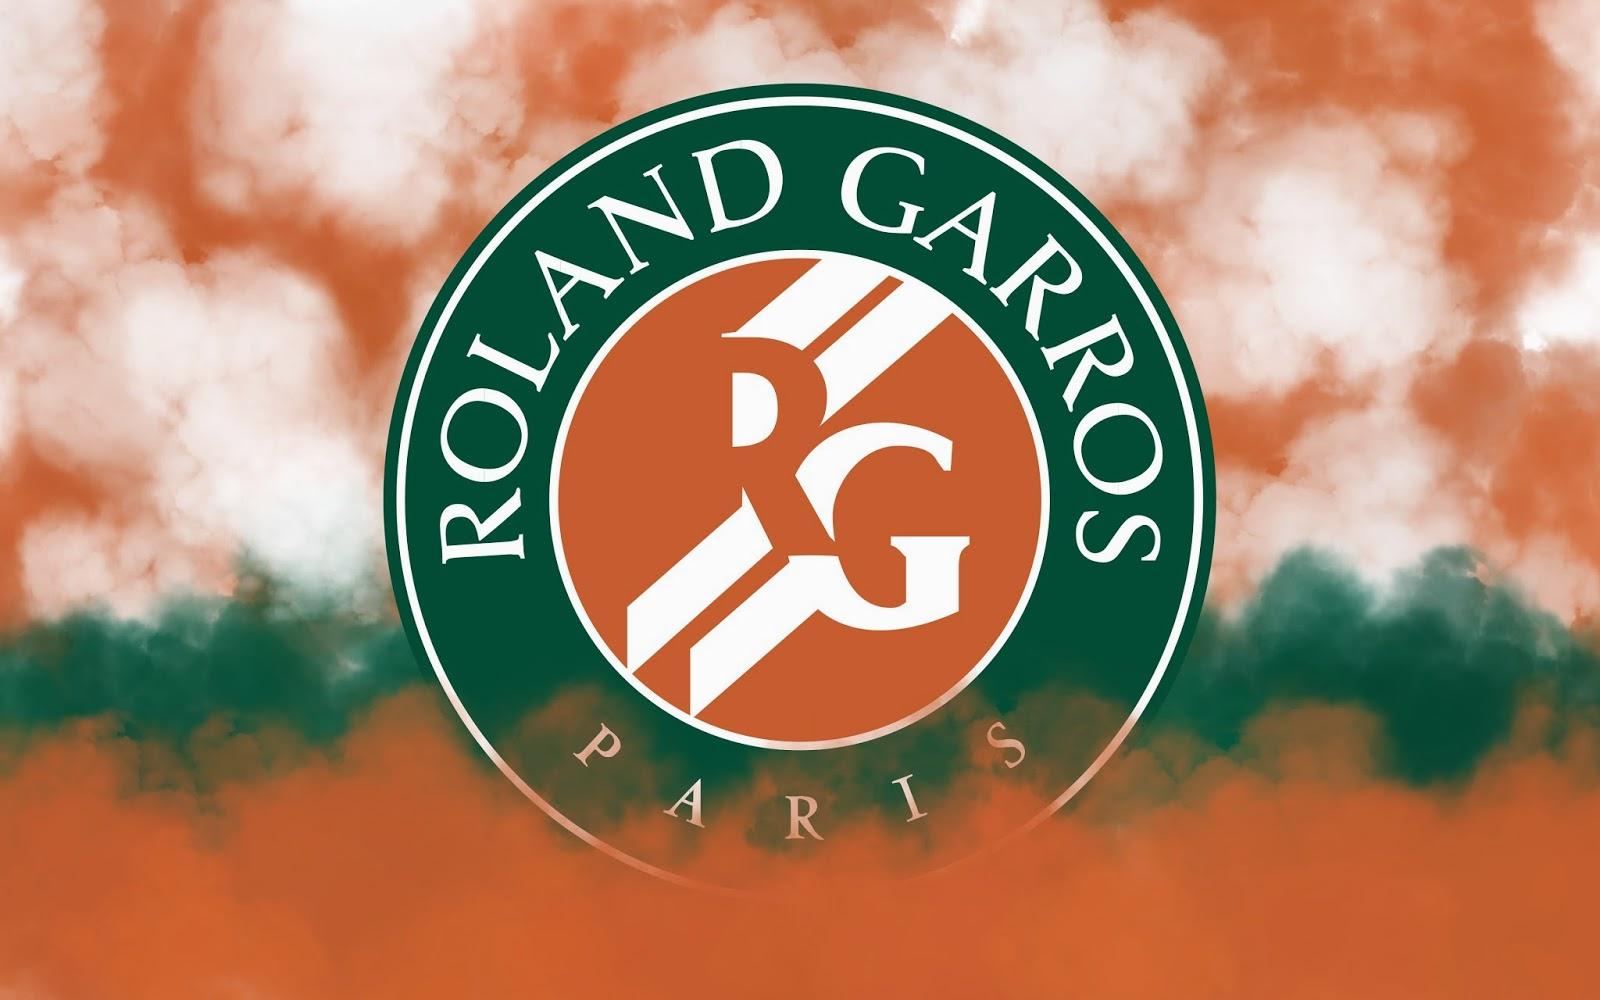 Roland Garros dará 28 millones en premios